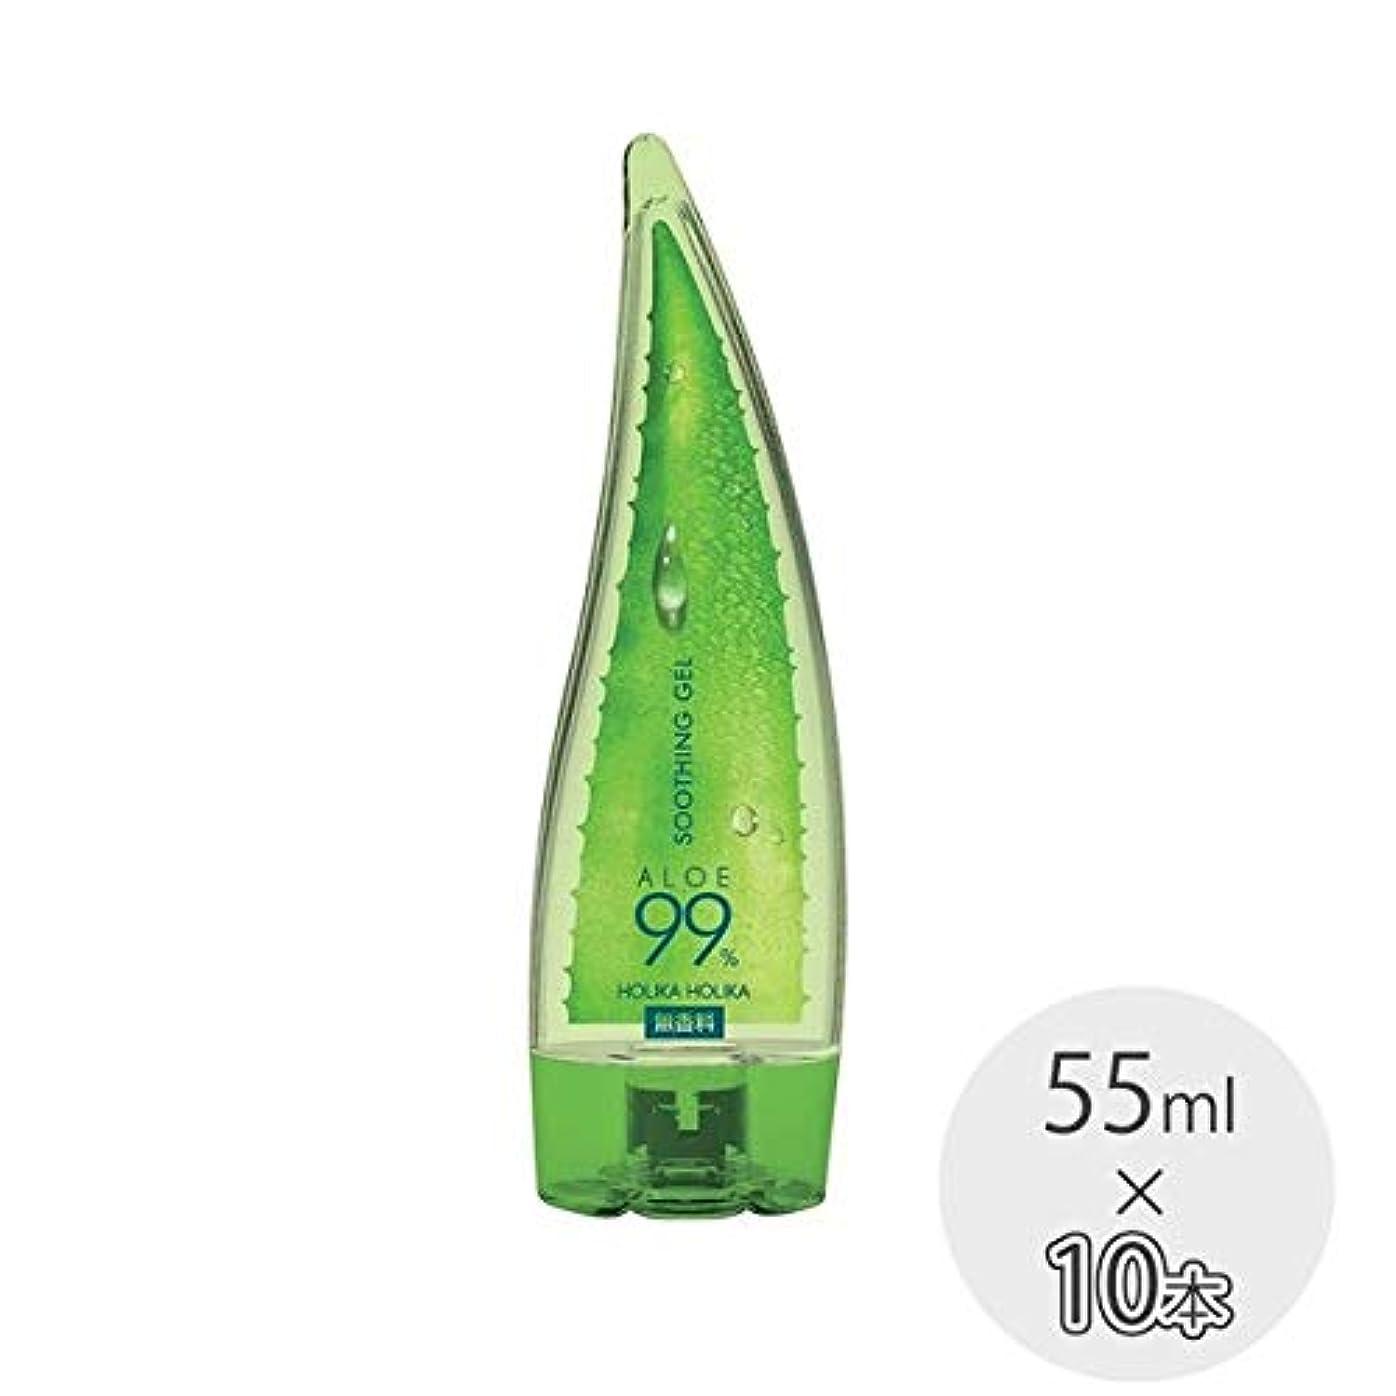 床達成する提供するHOLIKAHOLIKA ホリカホリカ アロエ99% スージングジェル 無香タイプ 55ml 10本セット (アロエベラ液汁99%配合 無香タイプ)